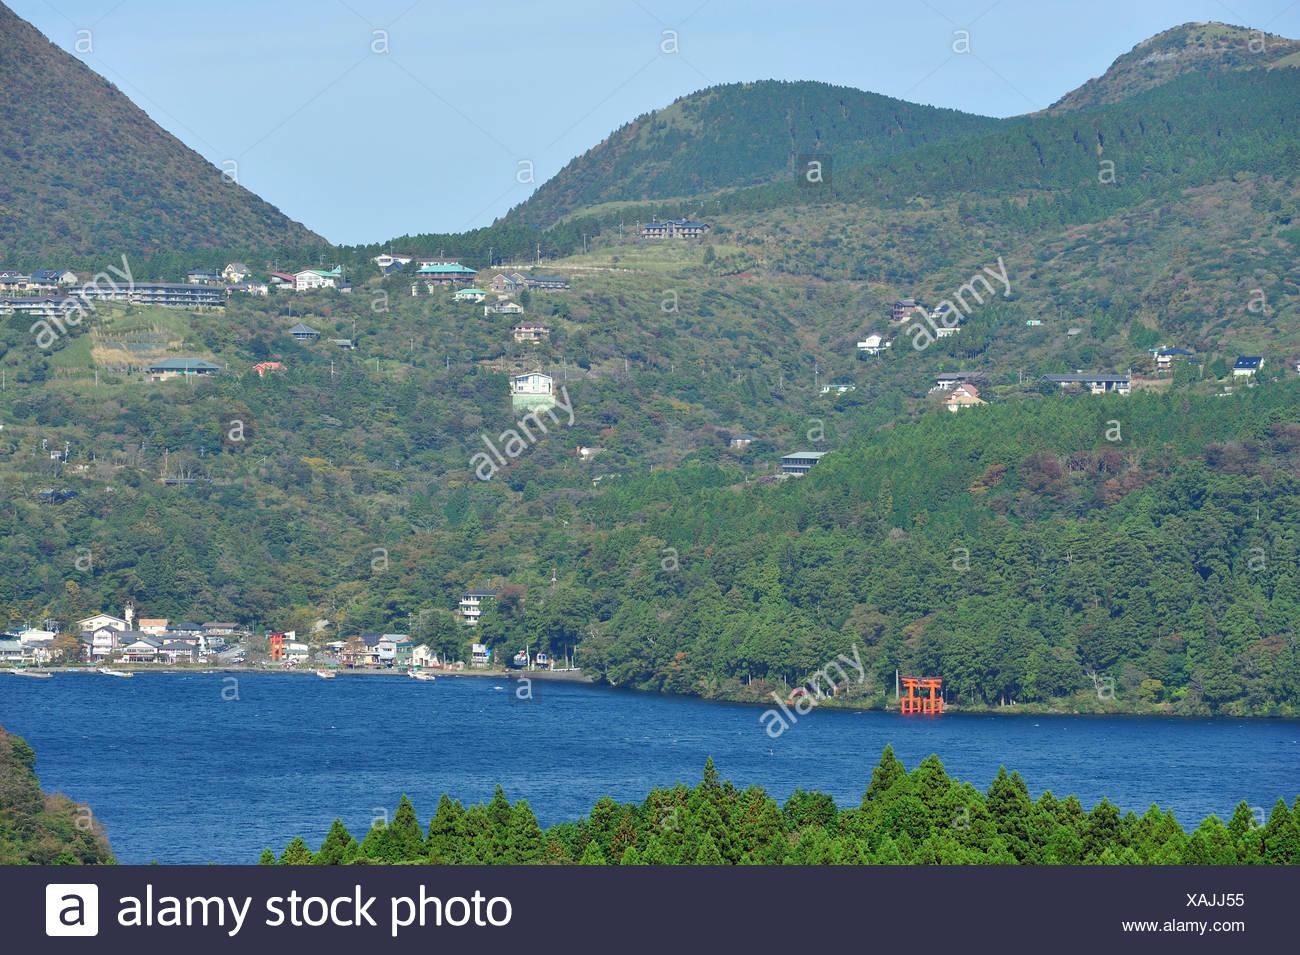 Ashi Lake, Asia, Hakone, Hakone Jinja, Honshu, Horizontal, Japan, Kanagawa Prefecture, Kanto, Shinto, Shrine, Torii - Stock Image